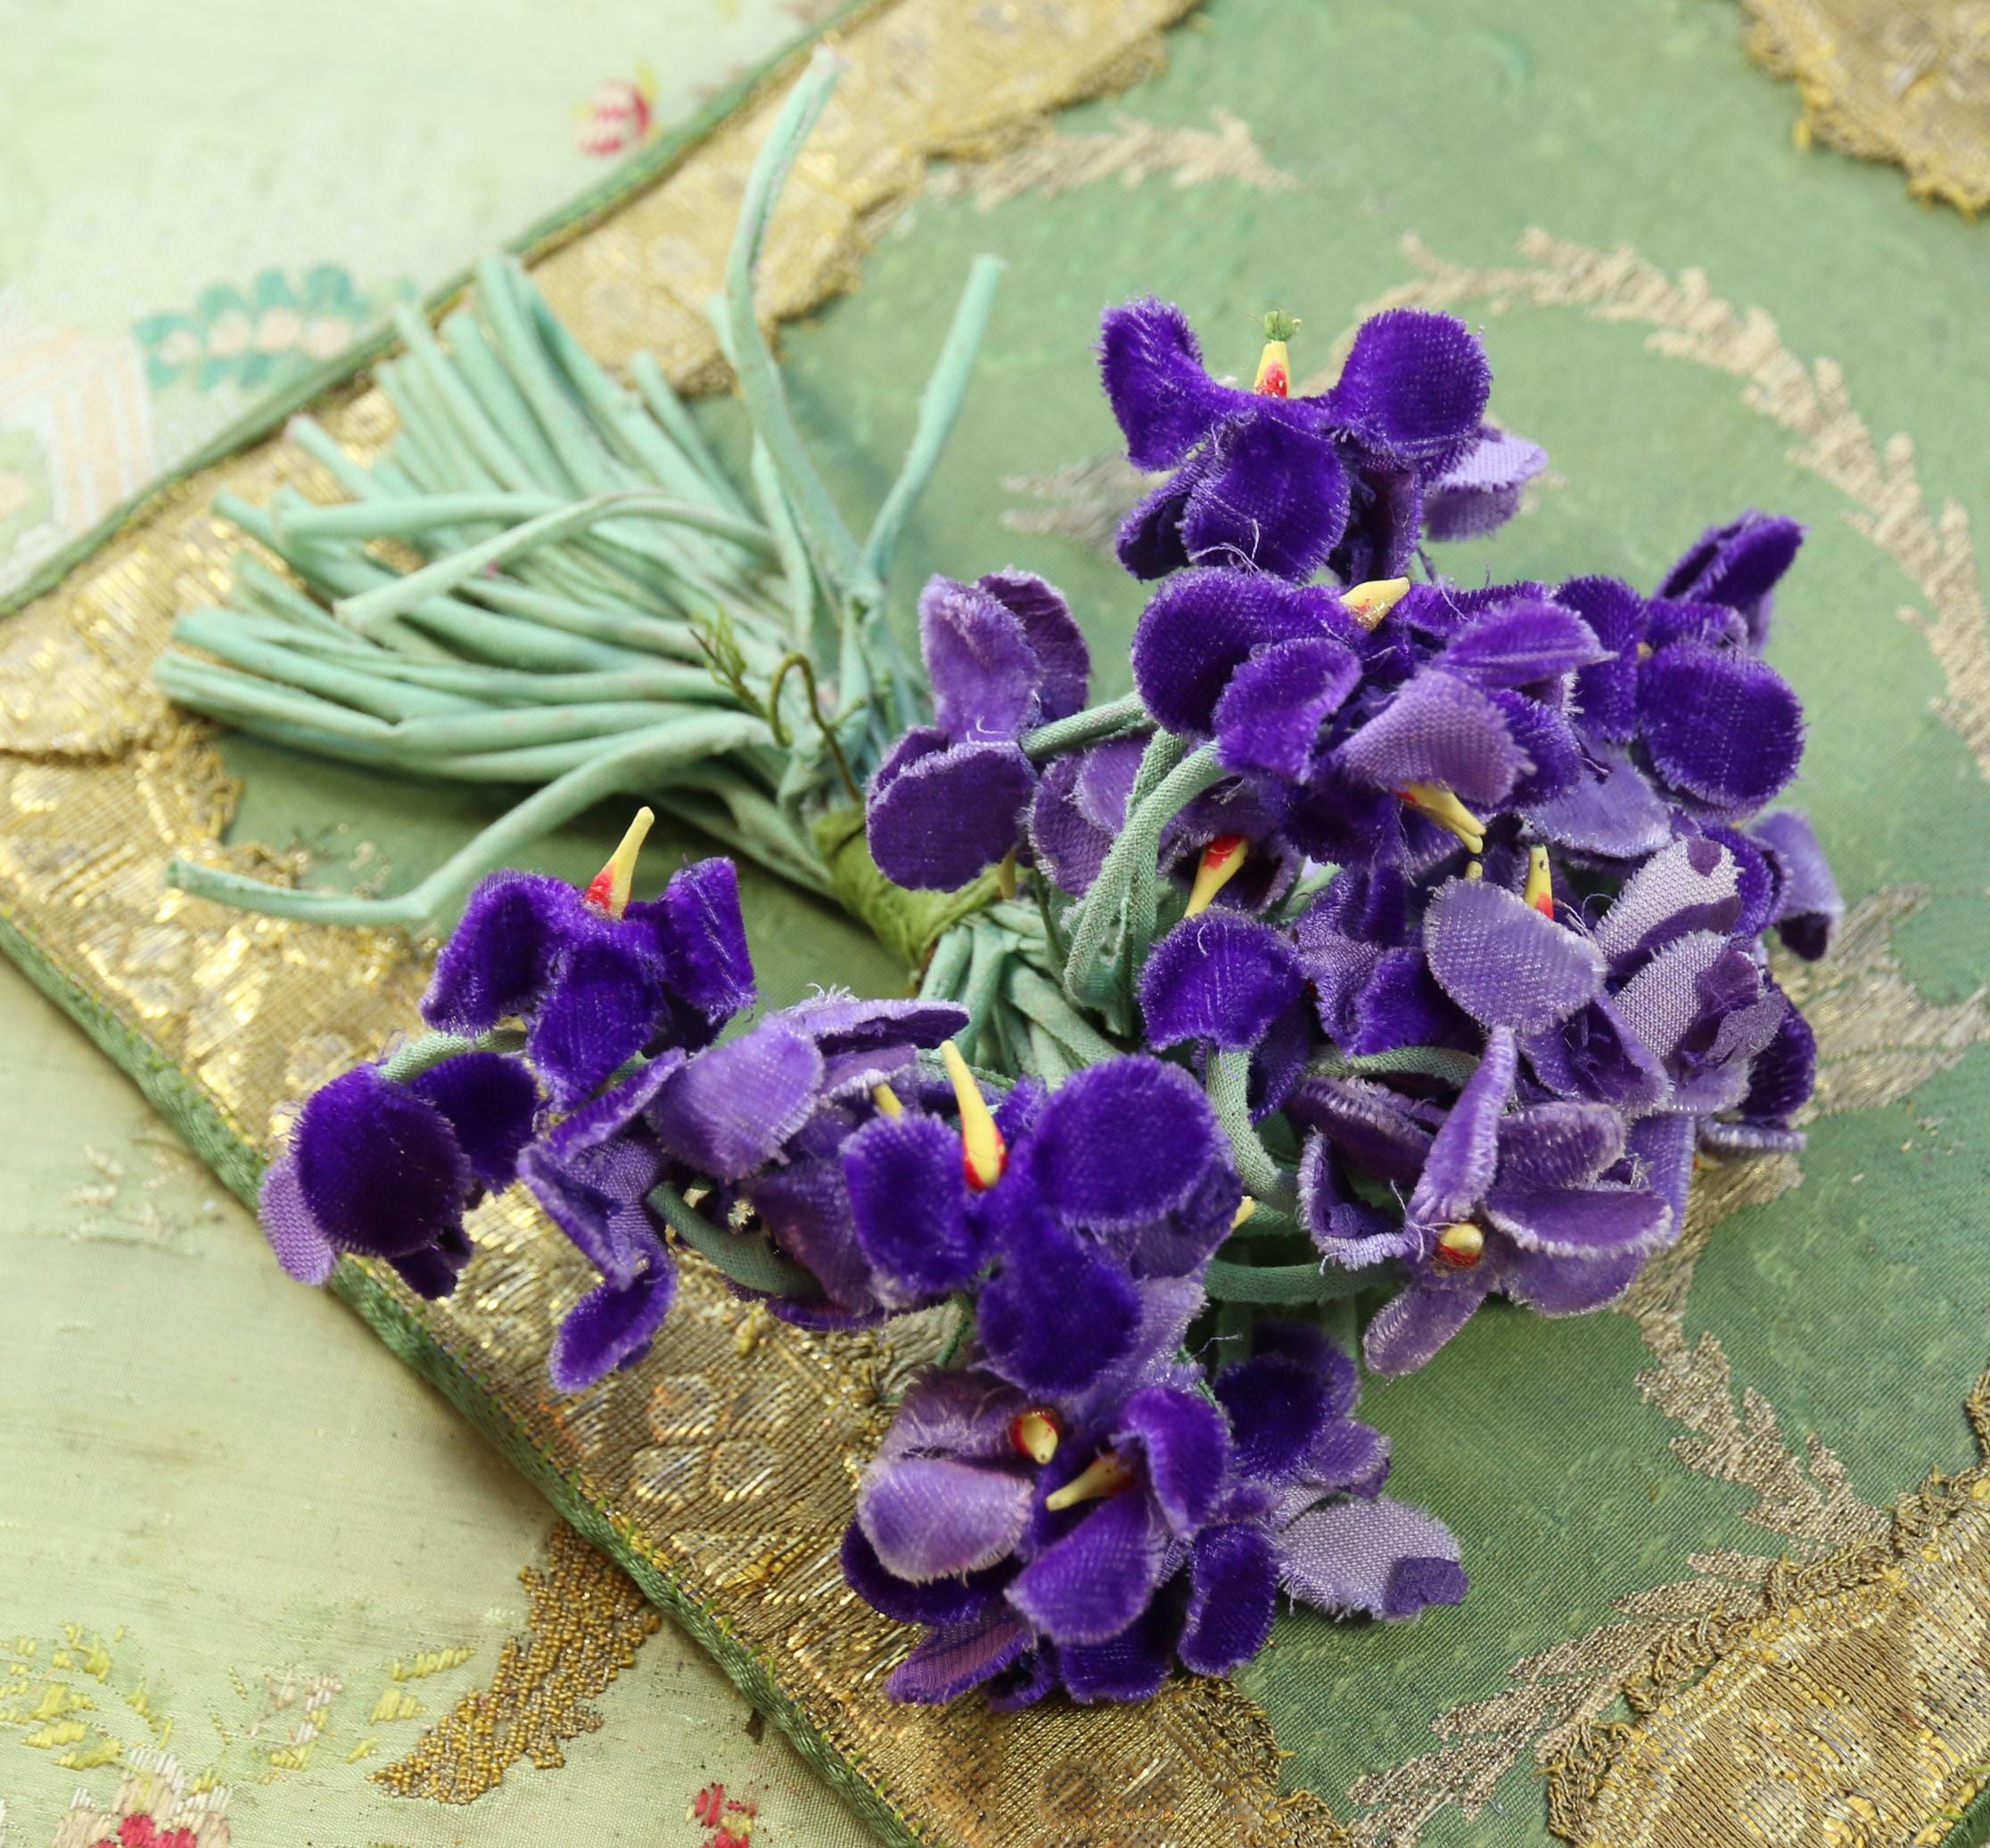 Hermosa gran posey vintage morado violetas sombreros flor ramillete ...